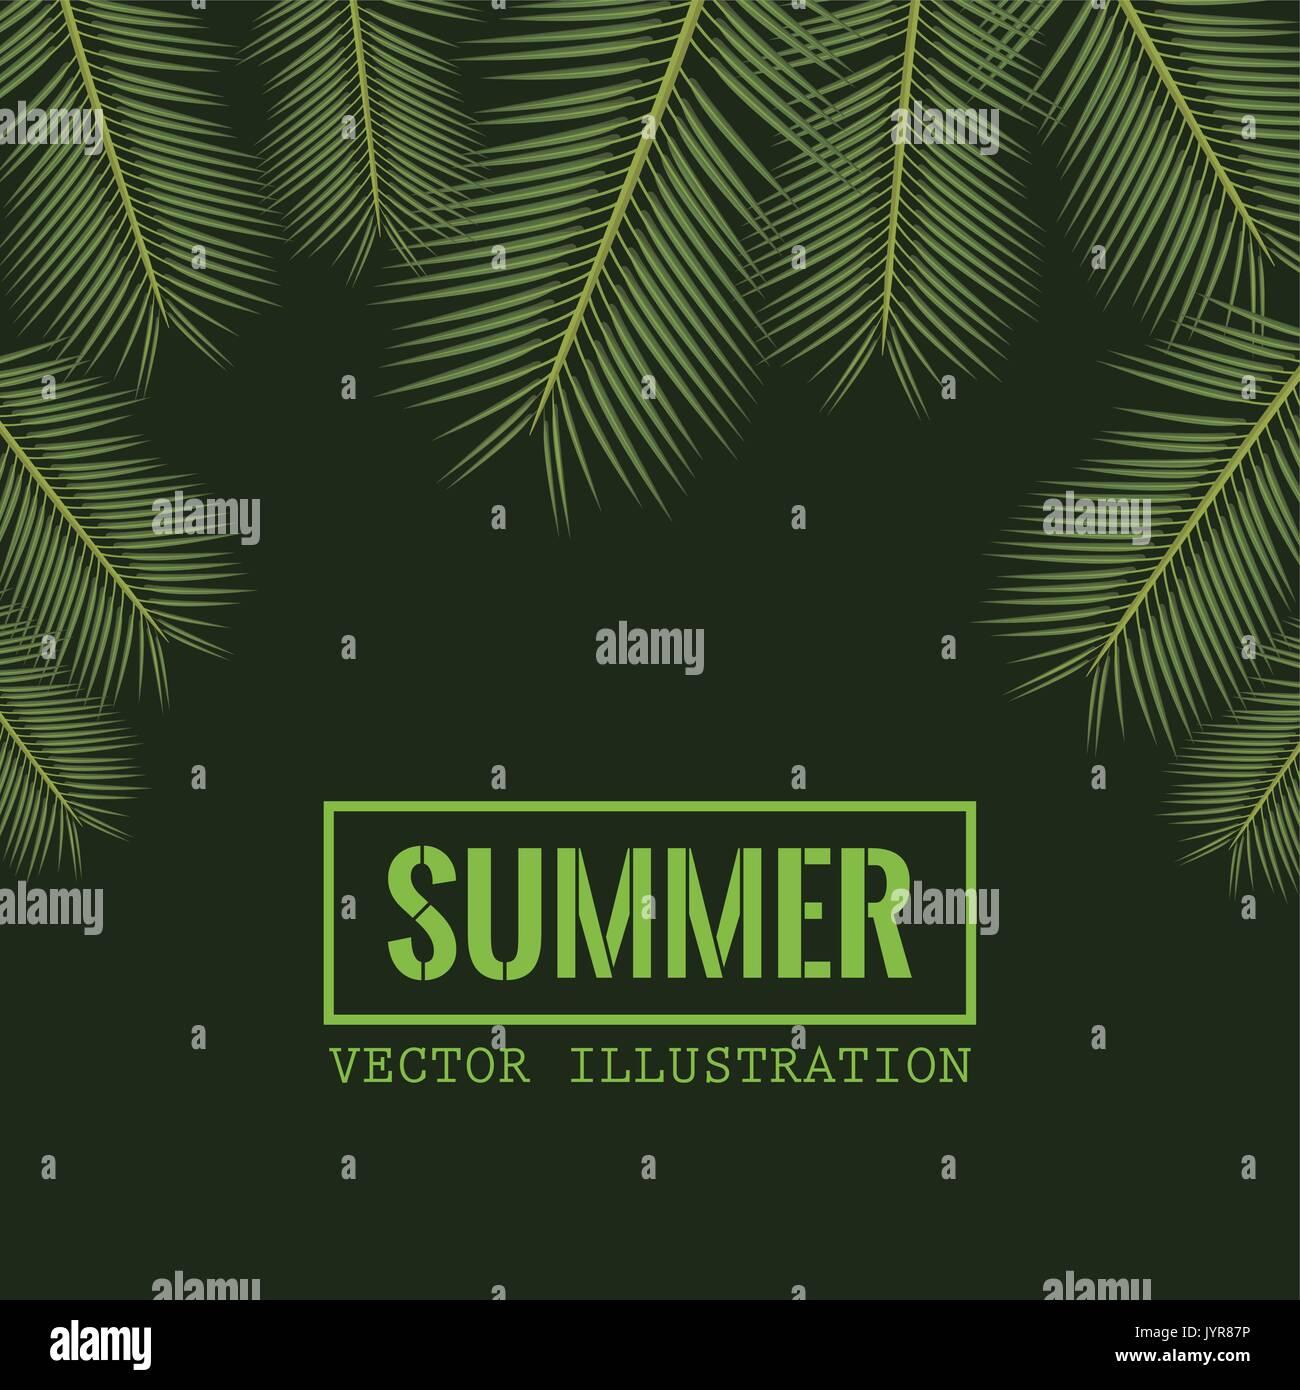 Fond de couleur verte avec des feuilles de palmier et de décoration frontière cadre rectangulaire avec texte d'été Illustration de Vecteur